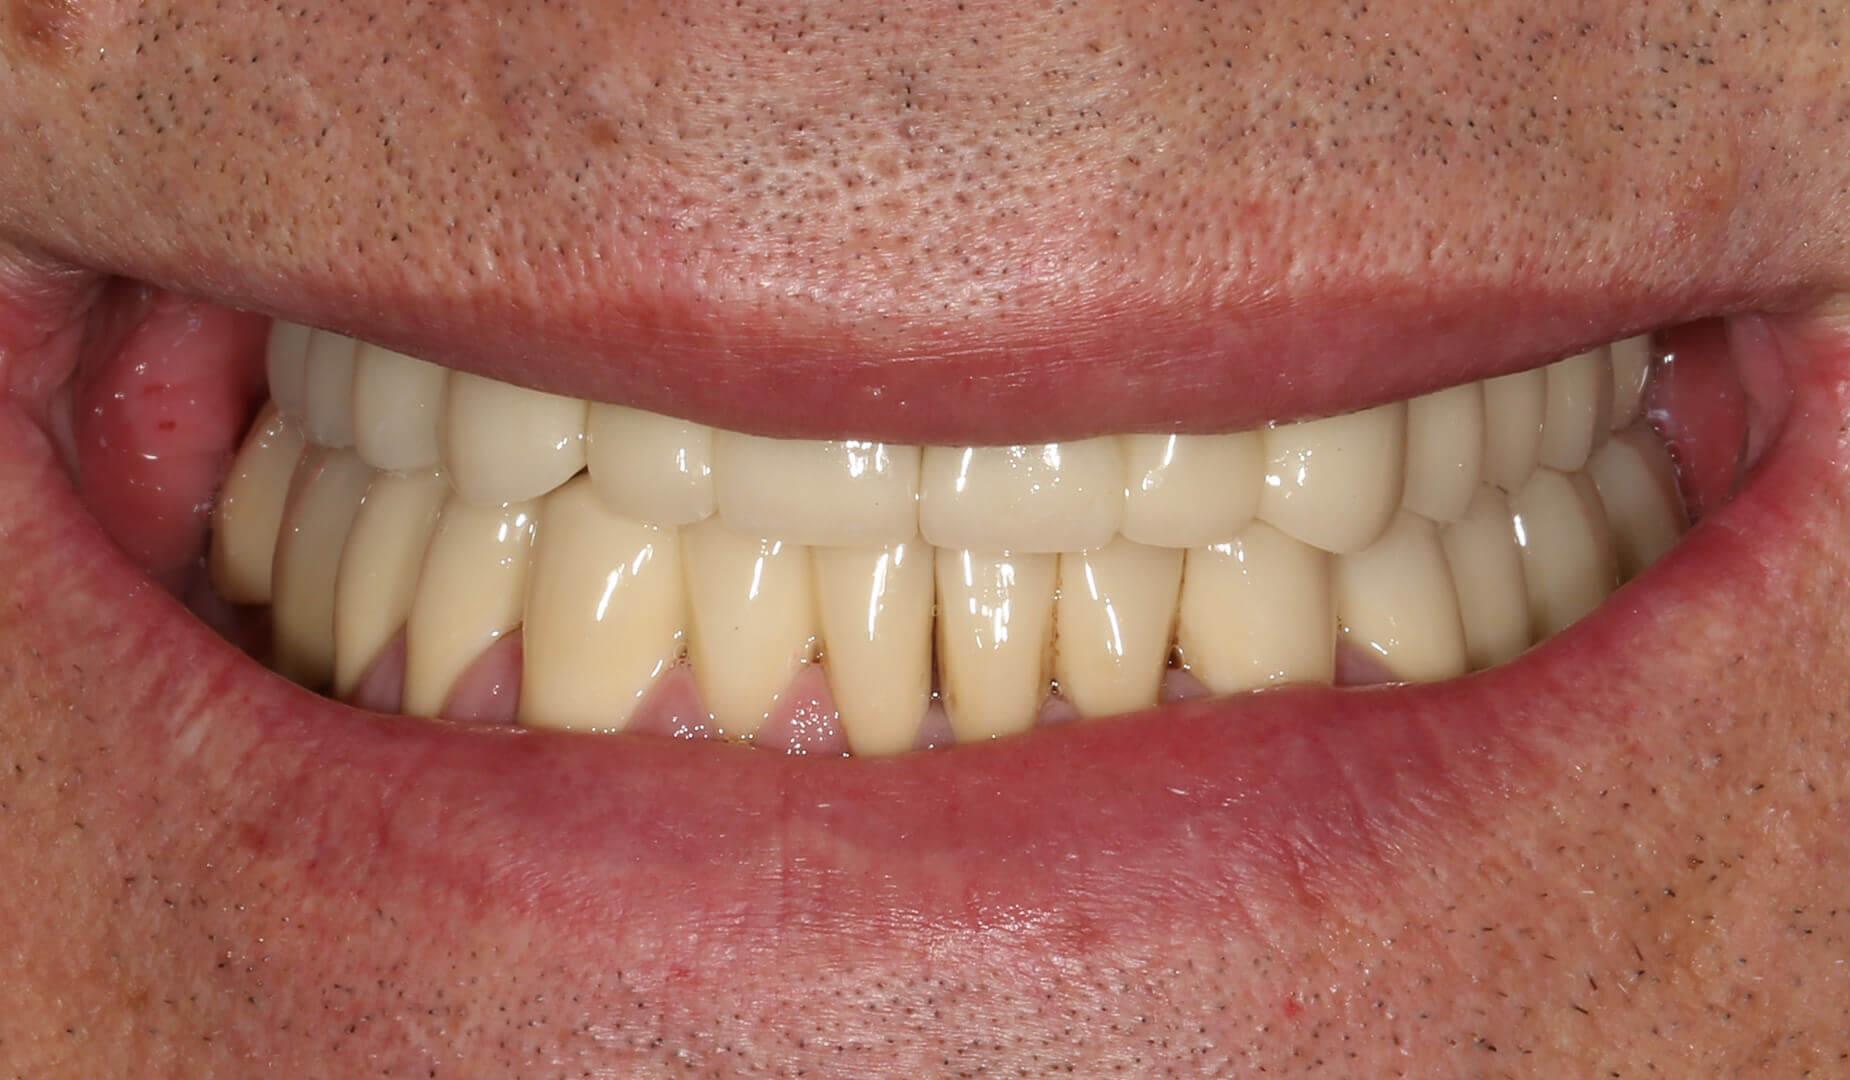 Пациент демонстрирует улыбку